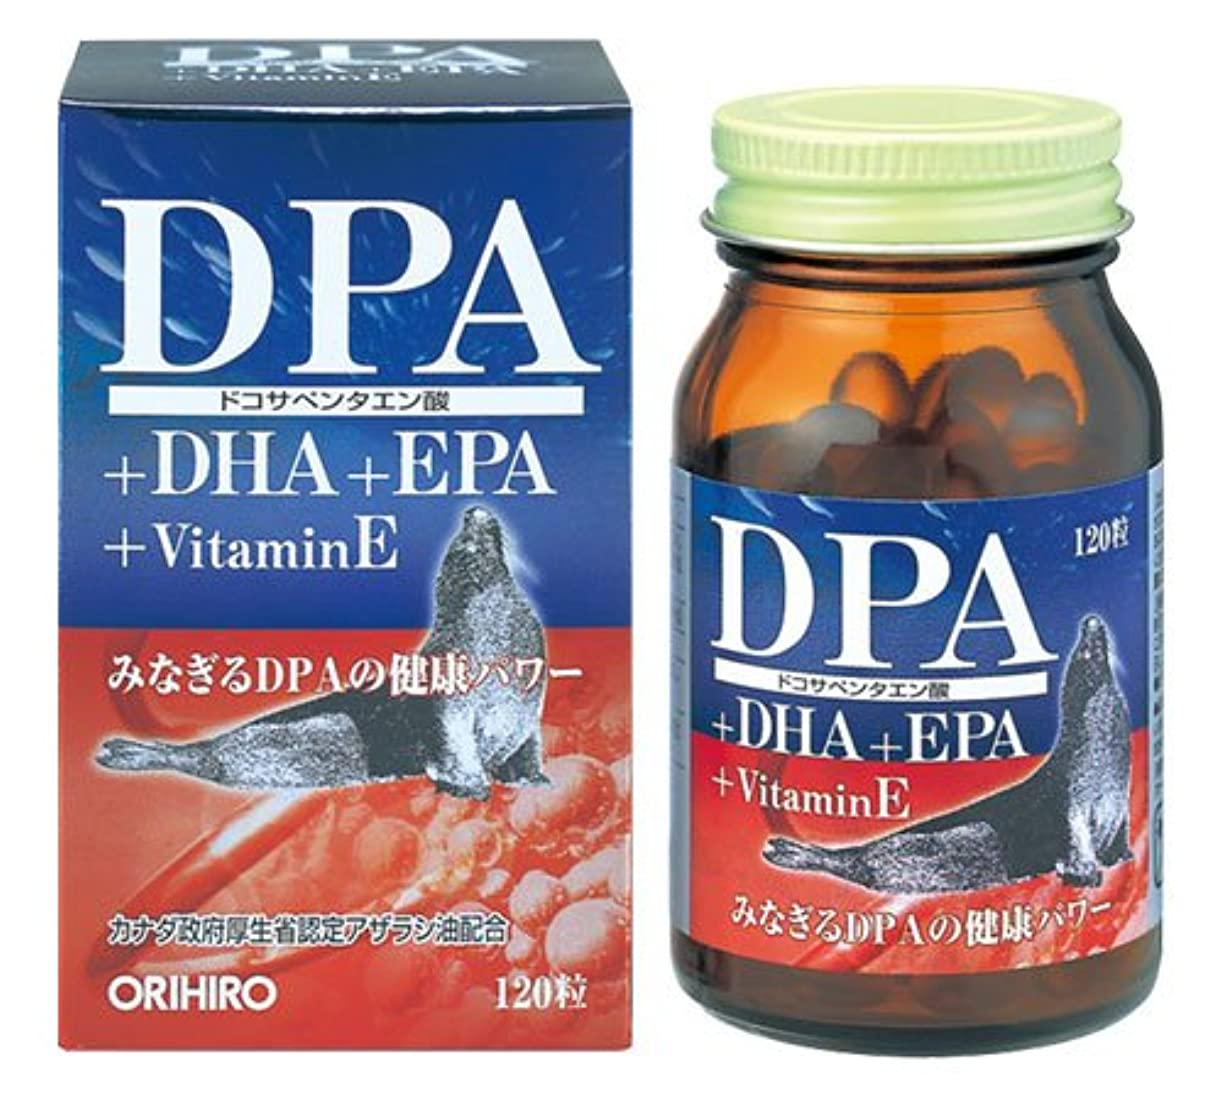 一回粘り強いお嬢DPA+DHA+EPAカプセル 120粒(約1ヶ月分)